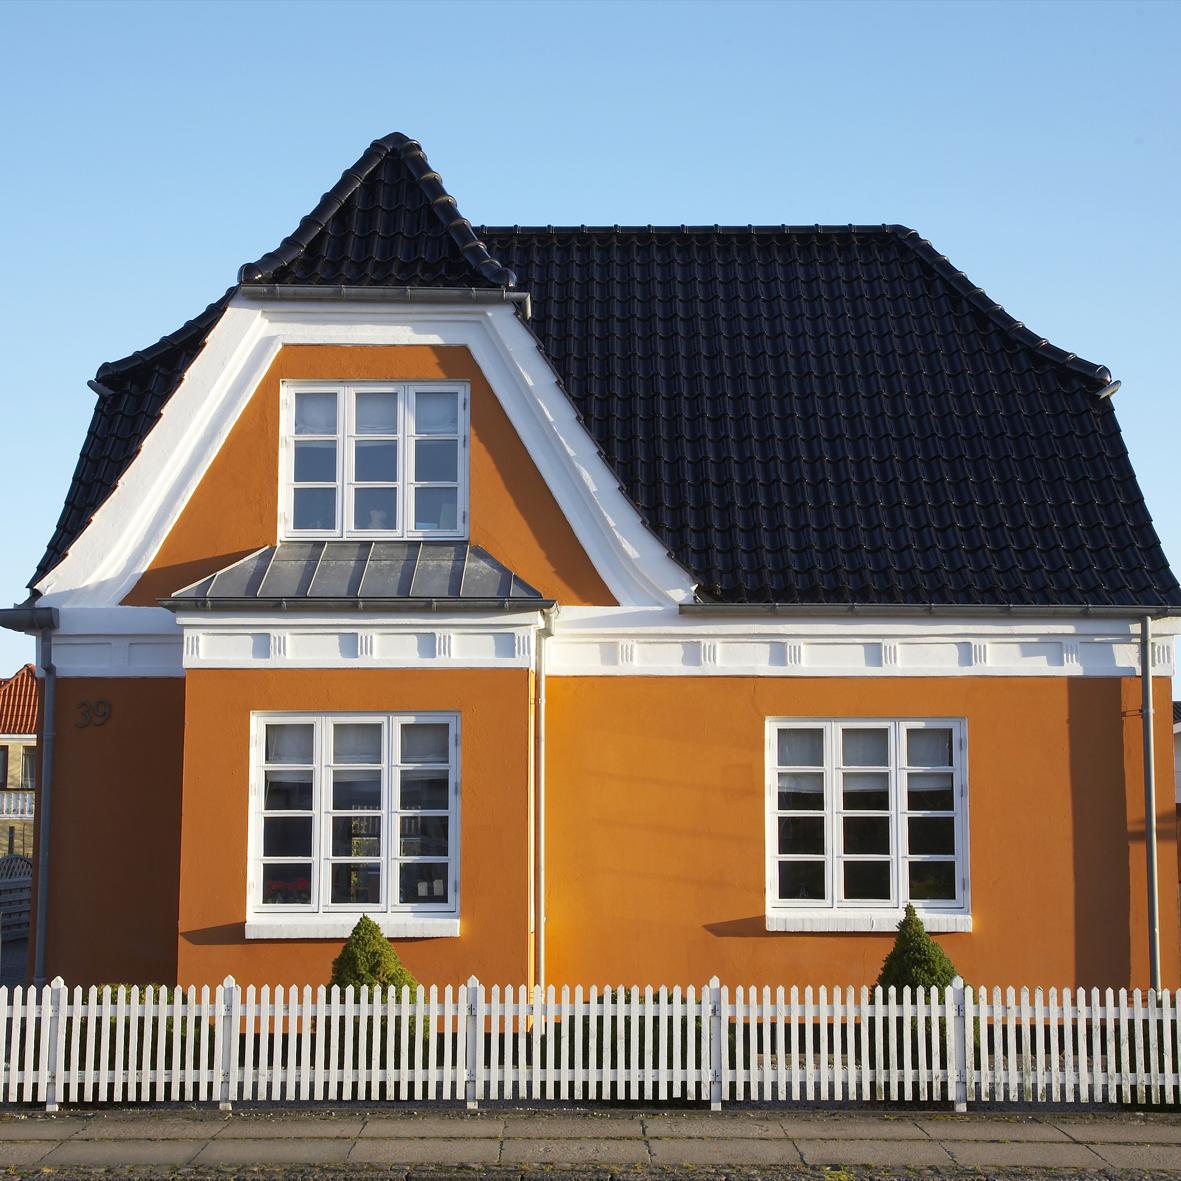 skalcem 100 farver Skalcem 100 | Skalflex facadebehandling   Skalflex.dk skalcem 100 farver